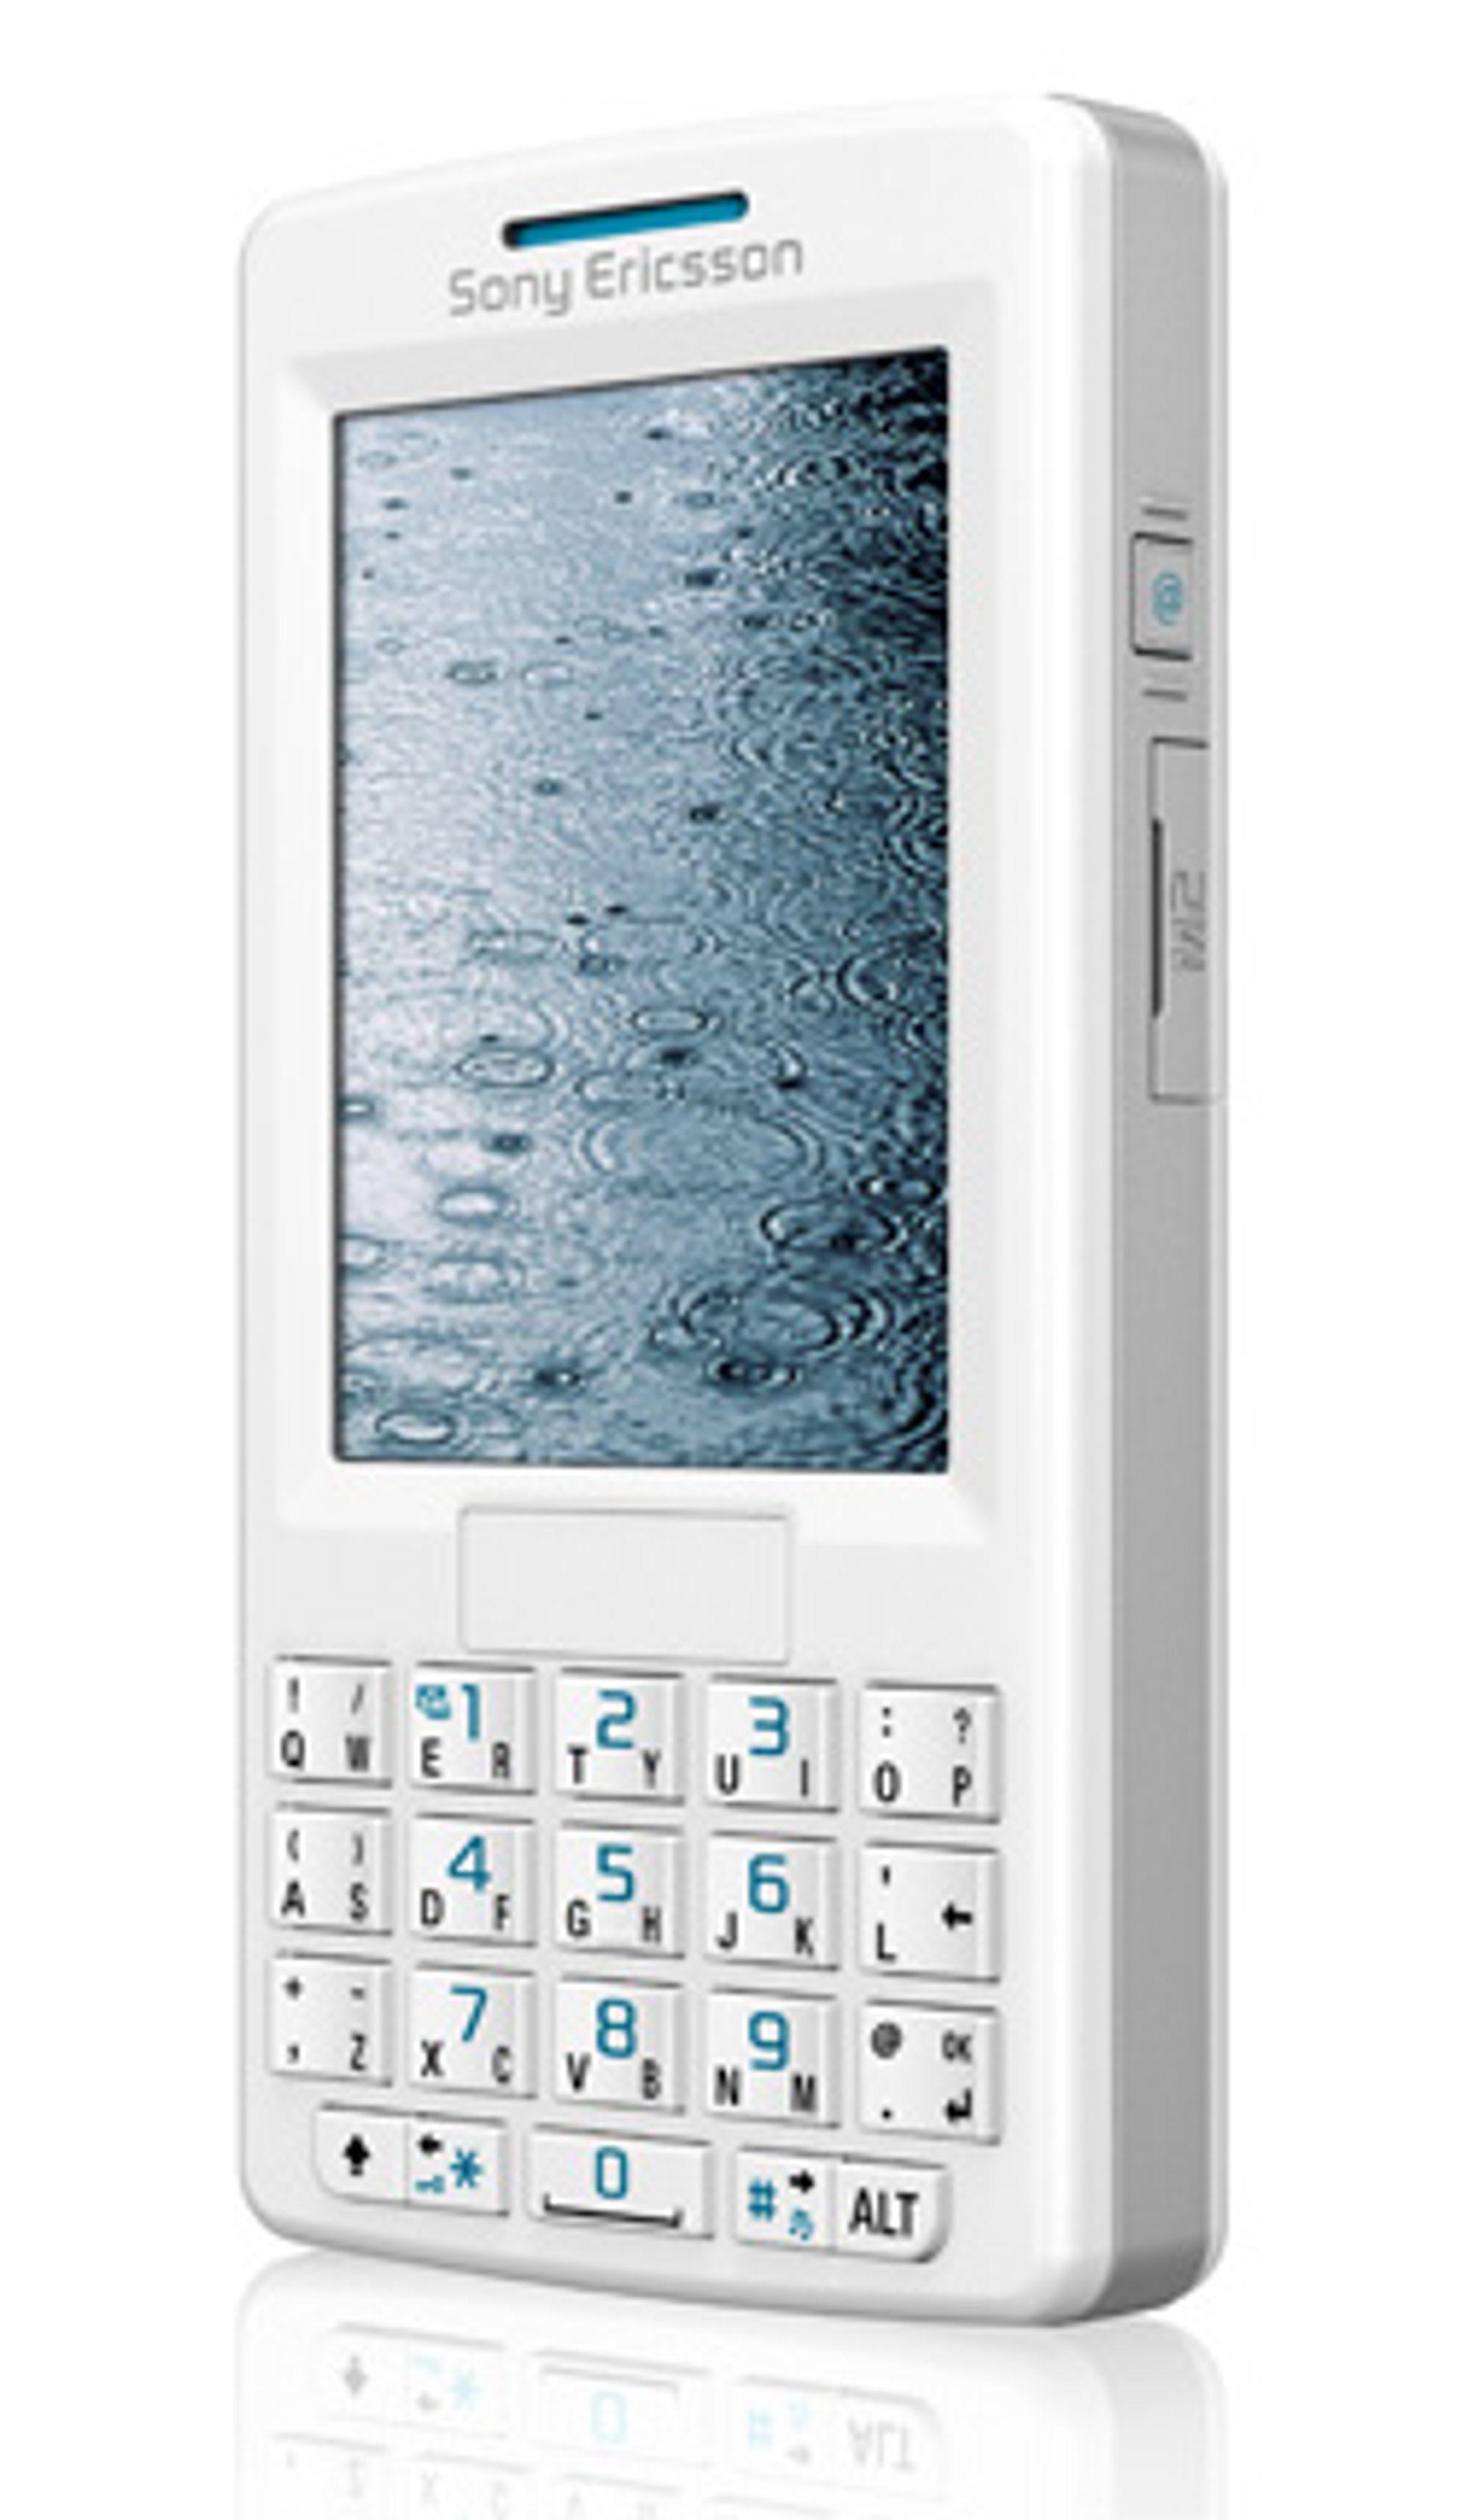 Opptur i sikte for deg som vil ha kjappere mobiltelefoner. (Foto: Sony Ericsson)